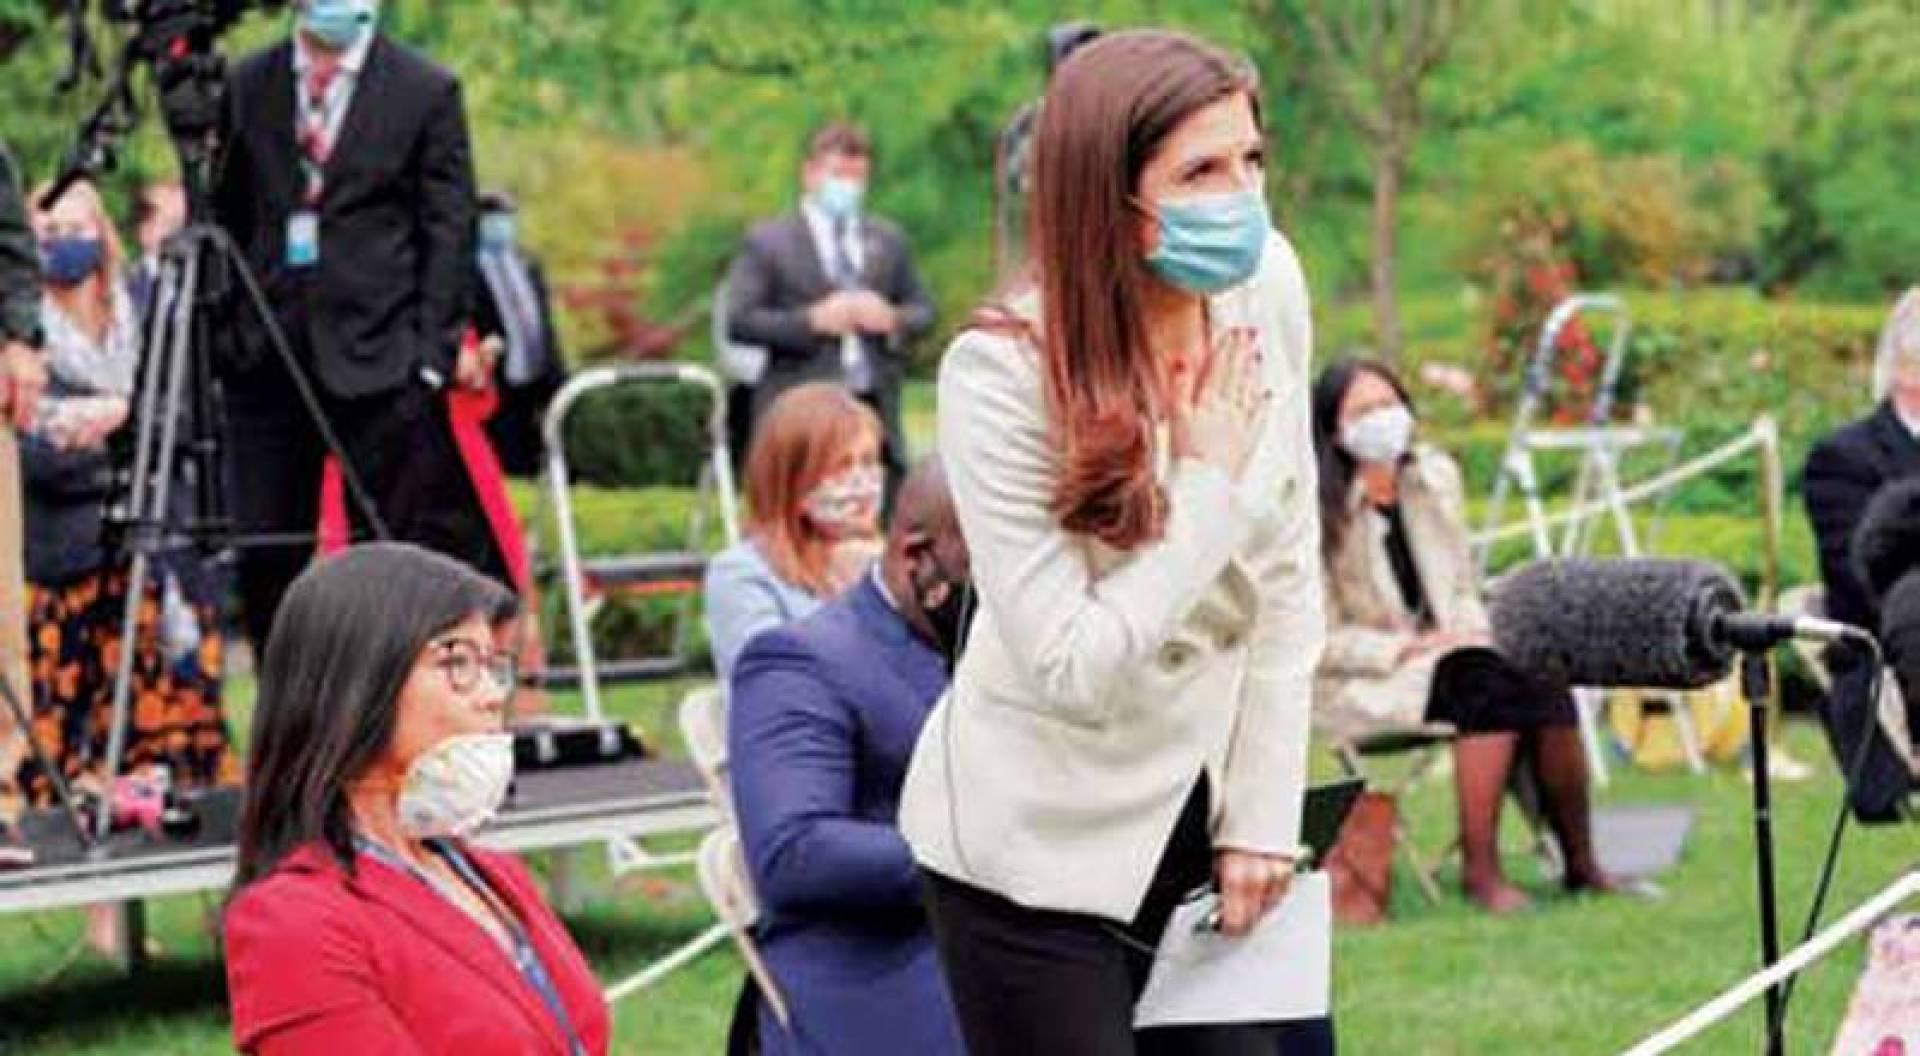 مراسلة «سي إن إن» تهم بسؤال ترامب وقربها زميلتها ويجيا جيانغ التي تعرضت لهجوم «عنصري» من